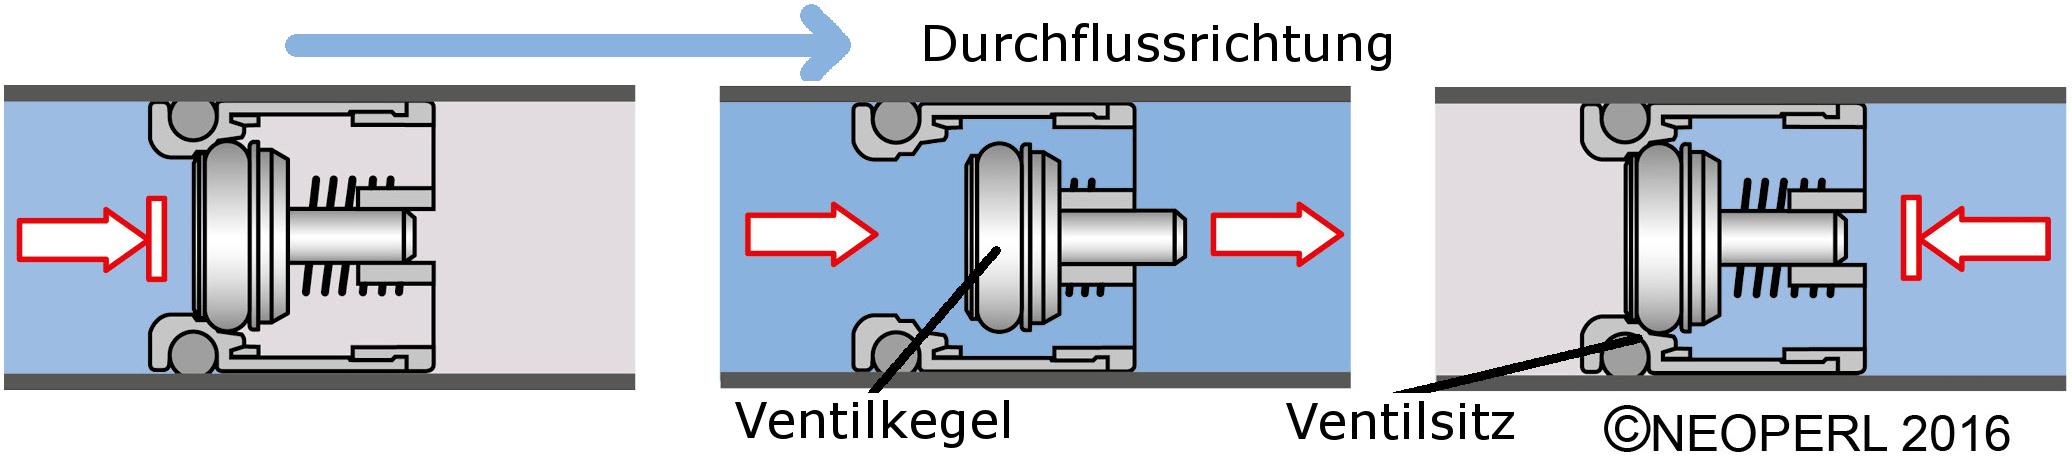 Funktionsprinzip eines Rückflussverhinderers Haustechnik-Wissen